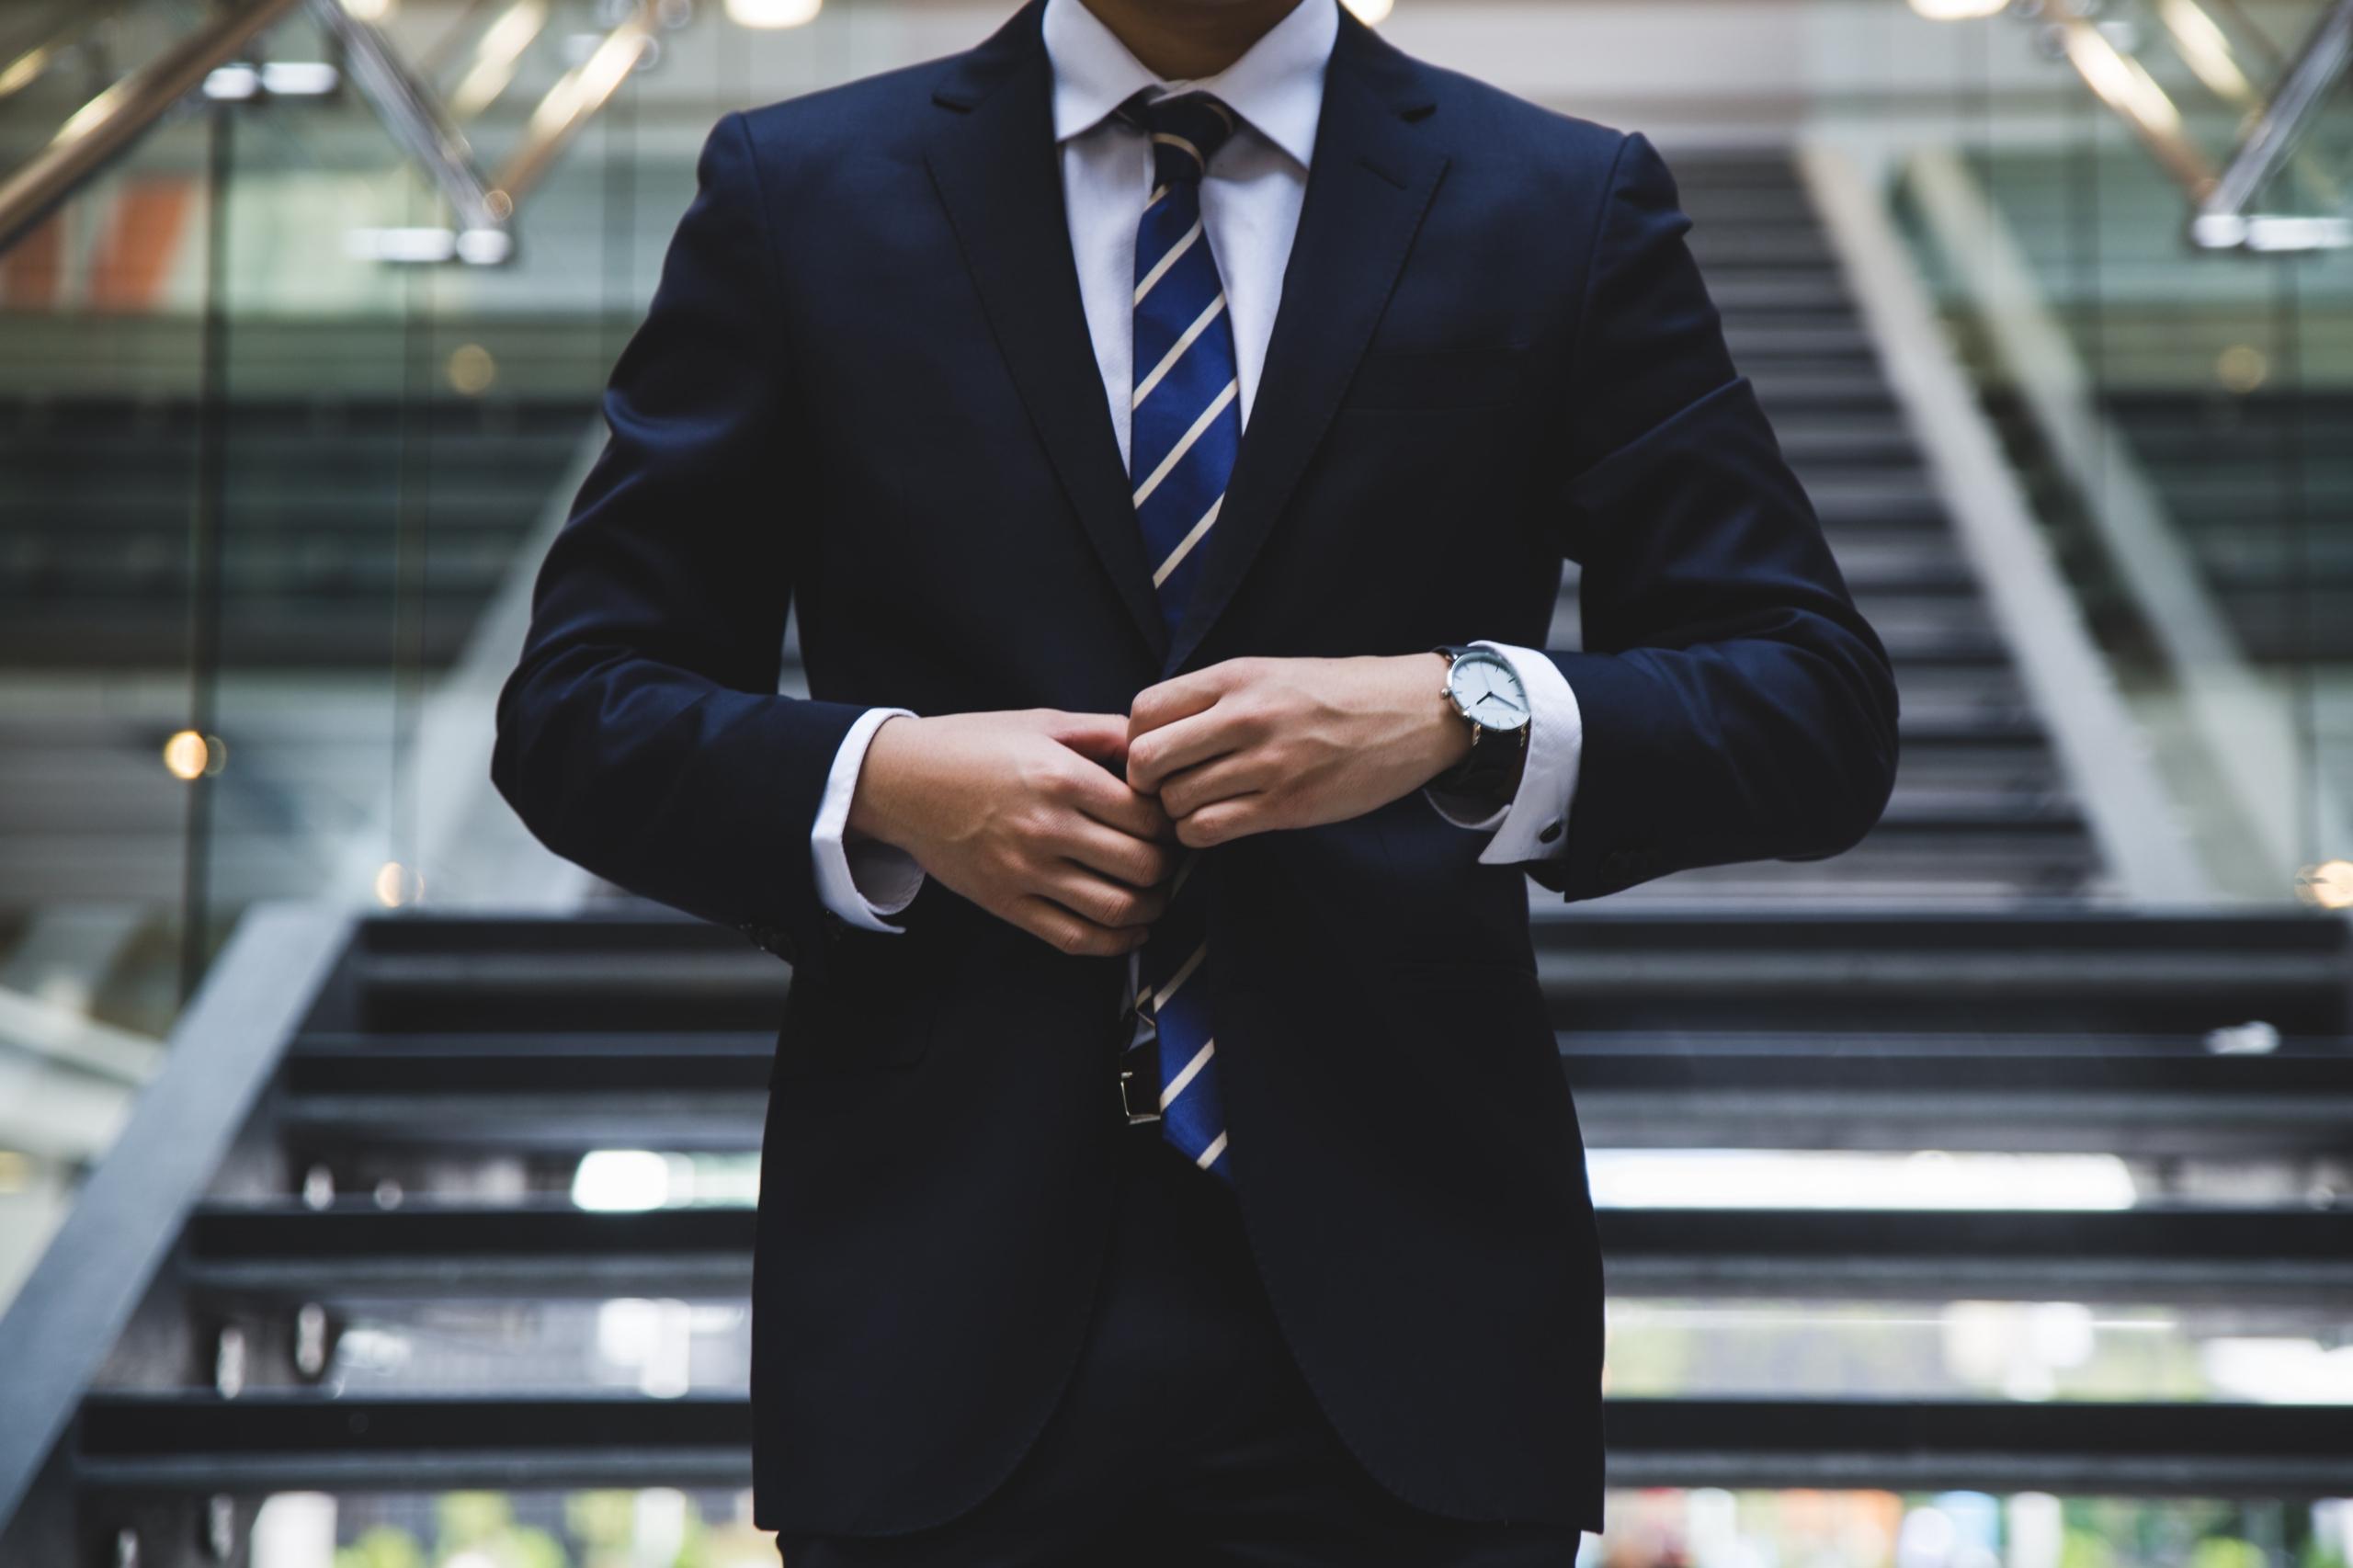 Marktkultur eine Art der Unternehmenskultur